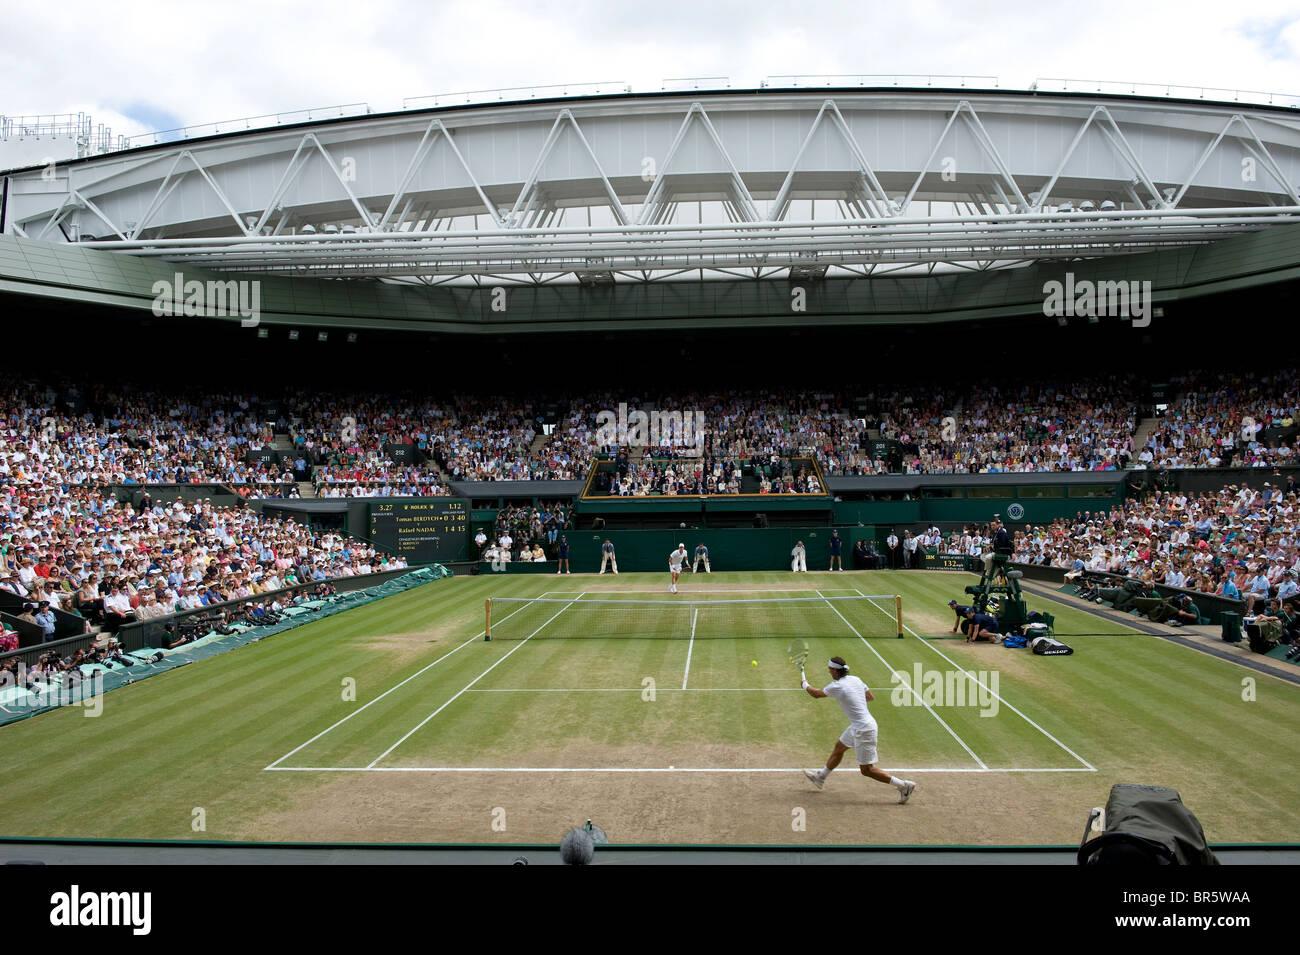 Vista generale del Centre Court gioco durante la mens singles finale a Wimbledon Tennis Championships 2010 Immagini Stock